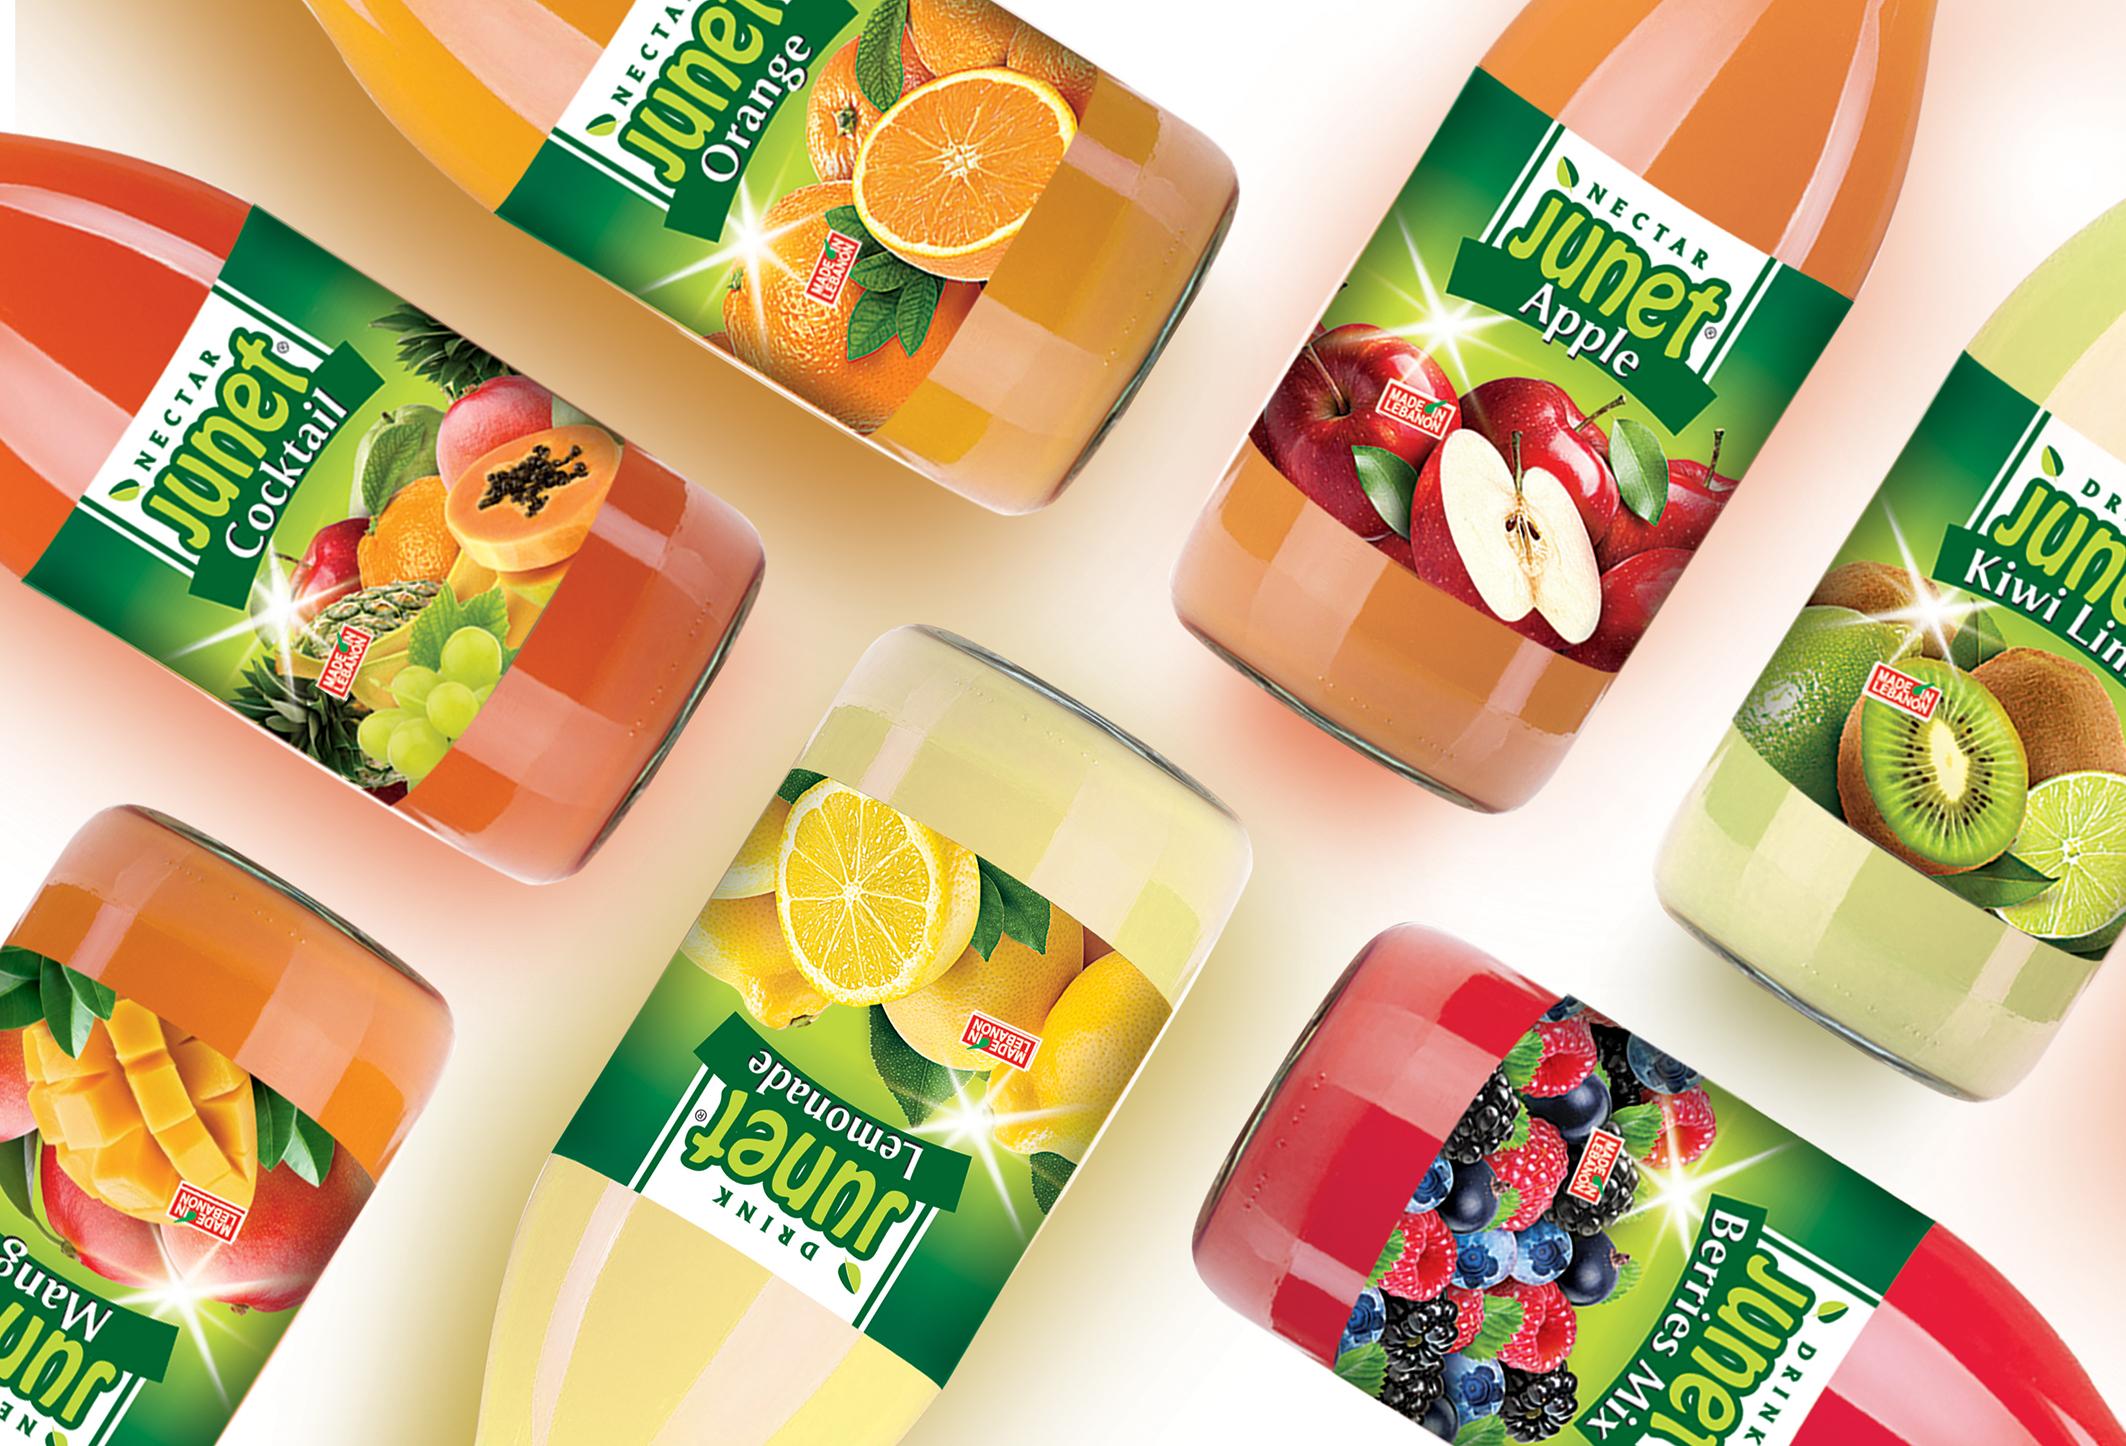 junet bottles pattern copy2